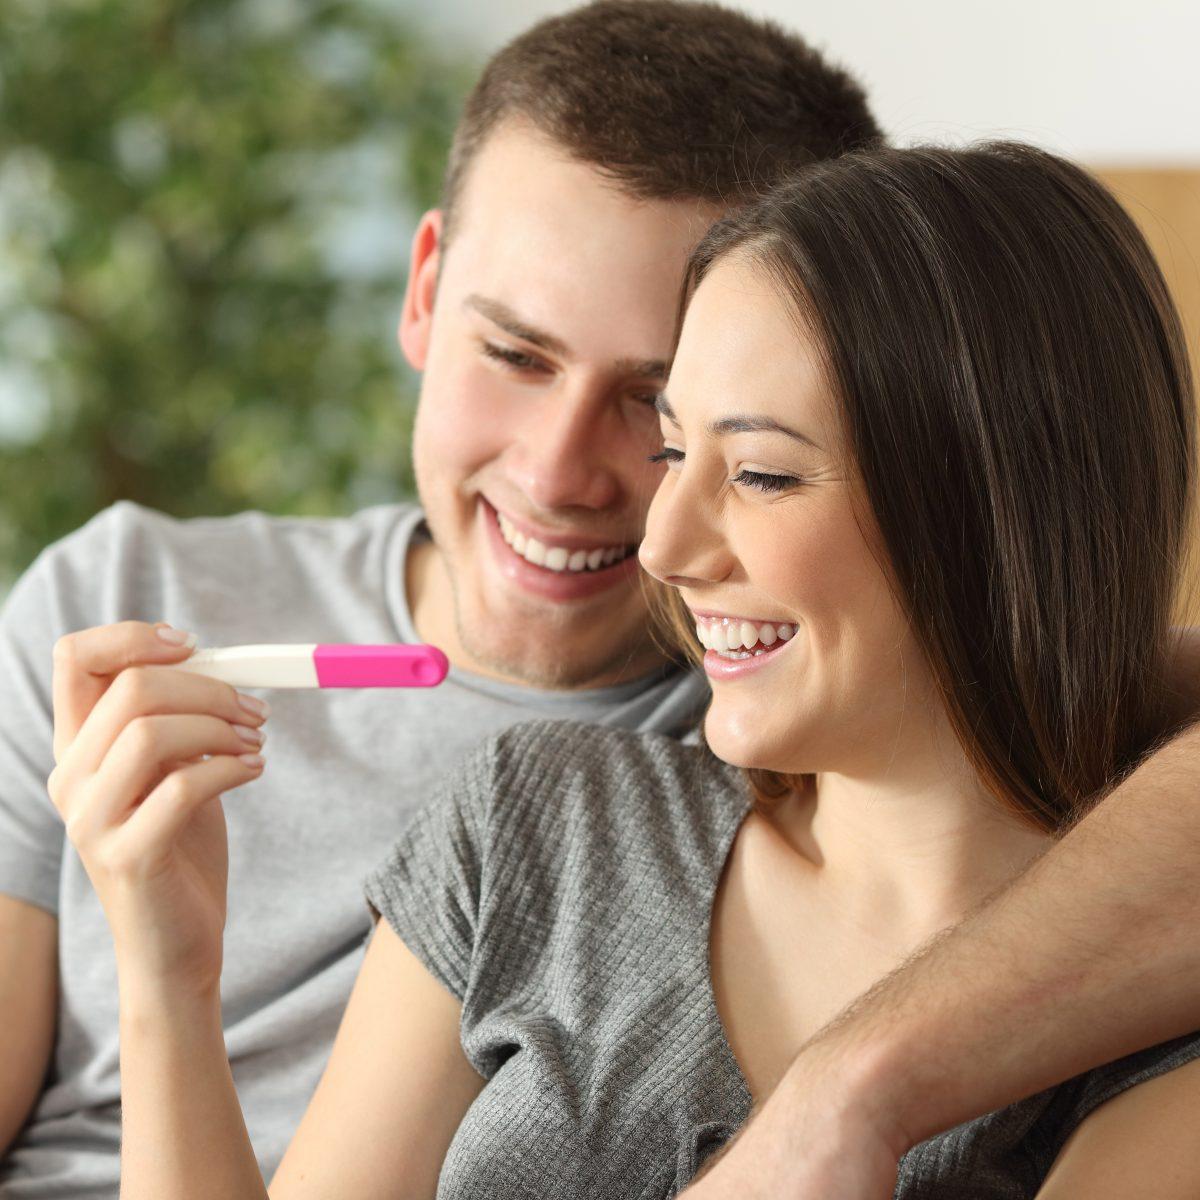 Hamilelikte Artan Hormonların Üzerinizdeki Etkisini Yakından Tanımak İster misiniz?